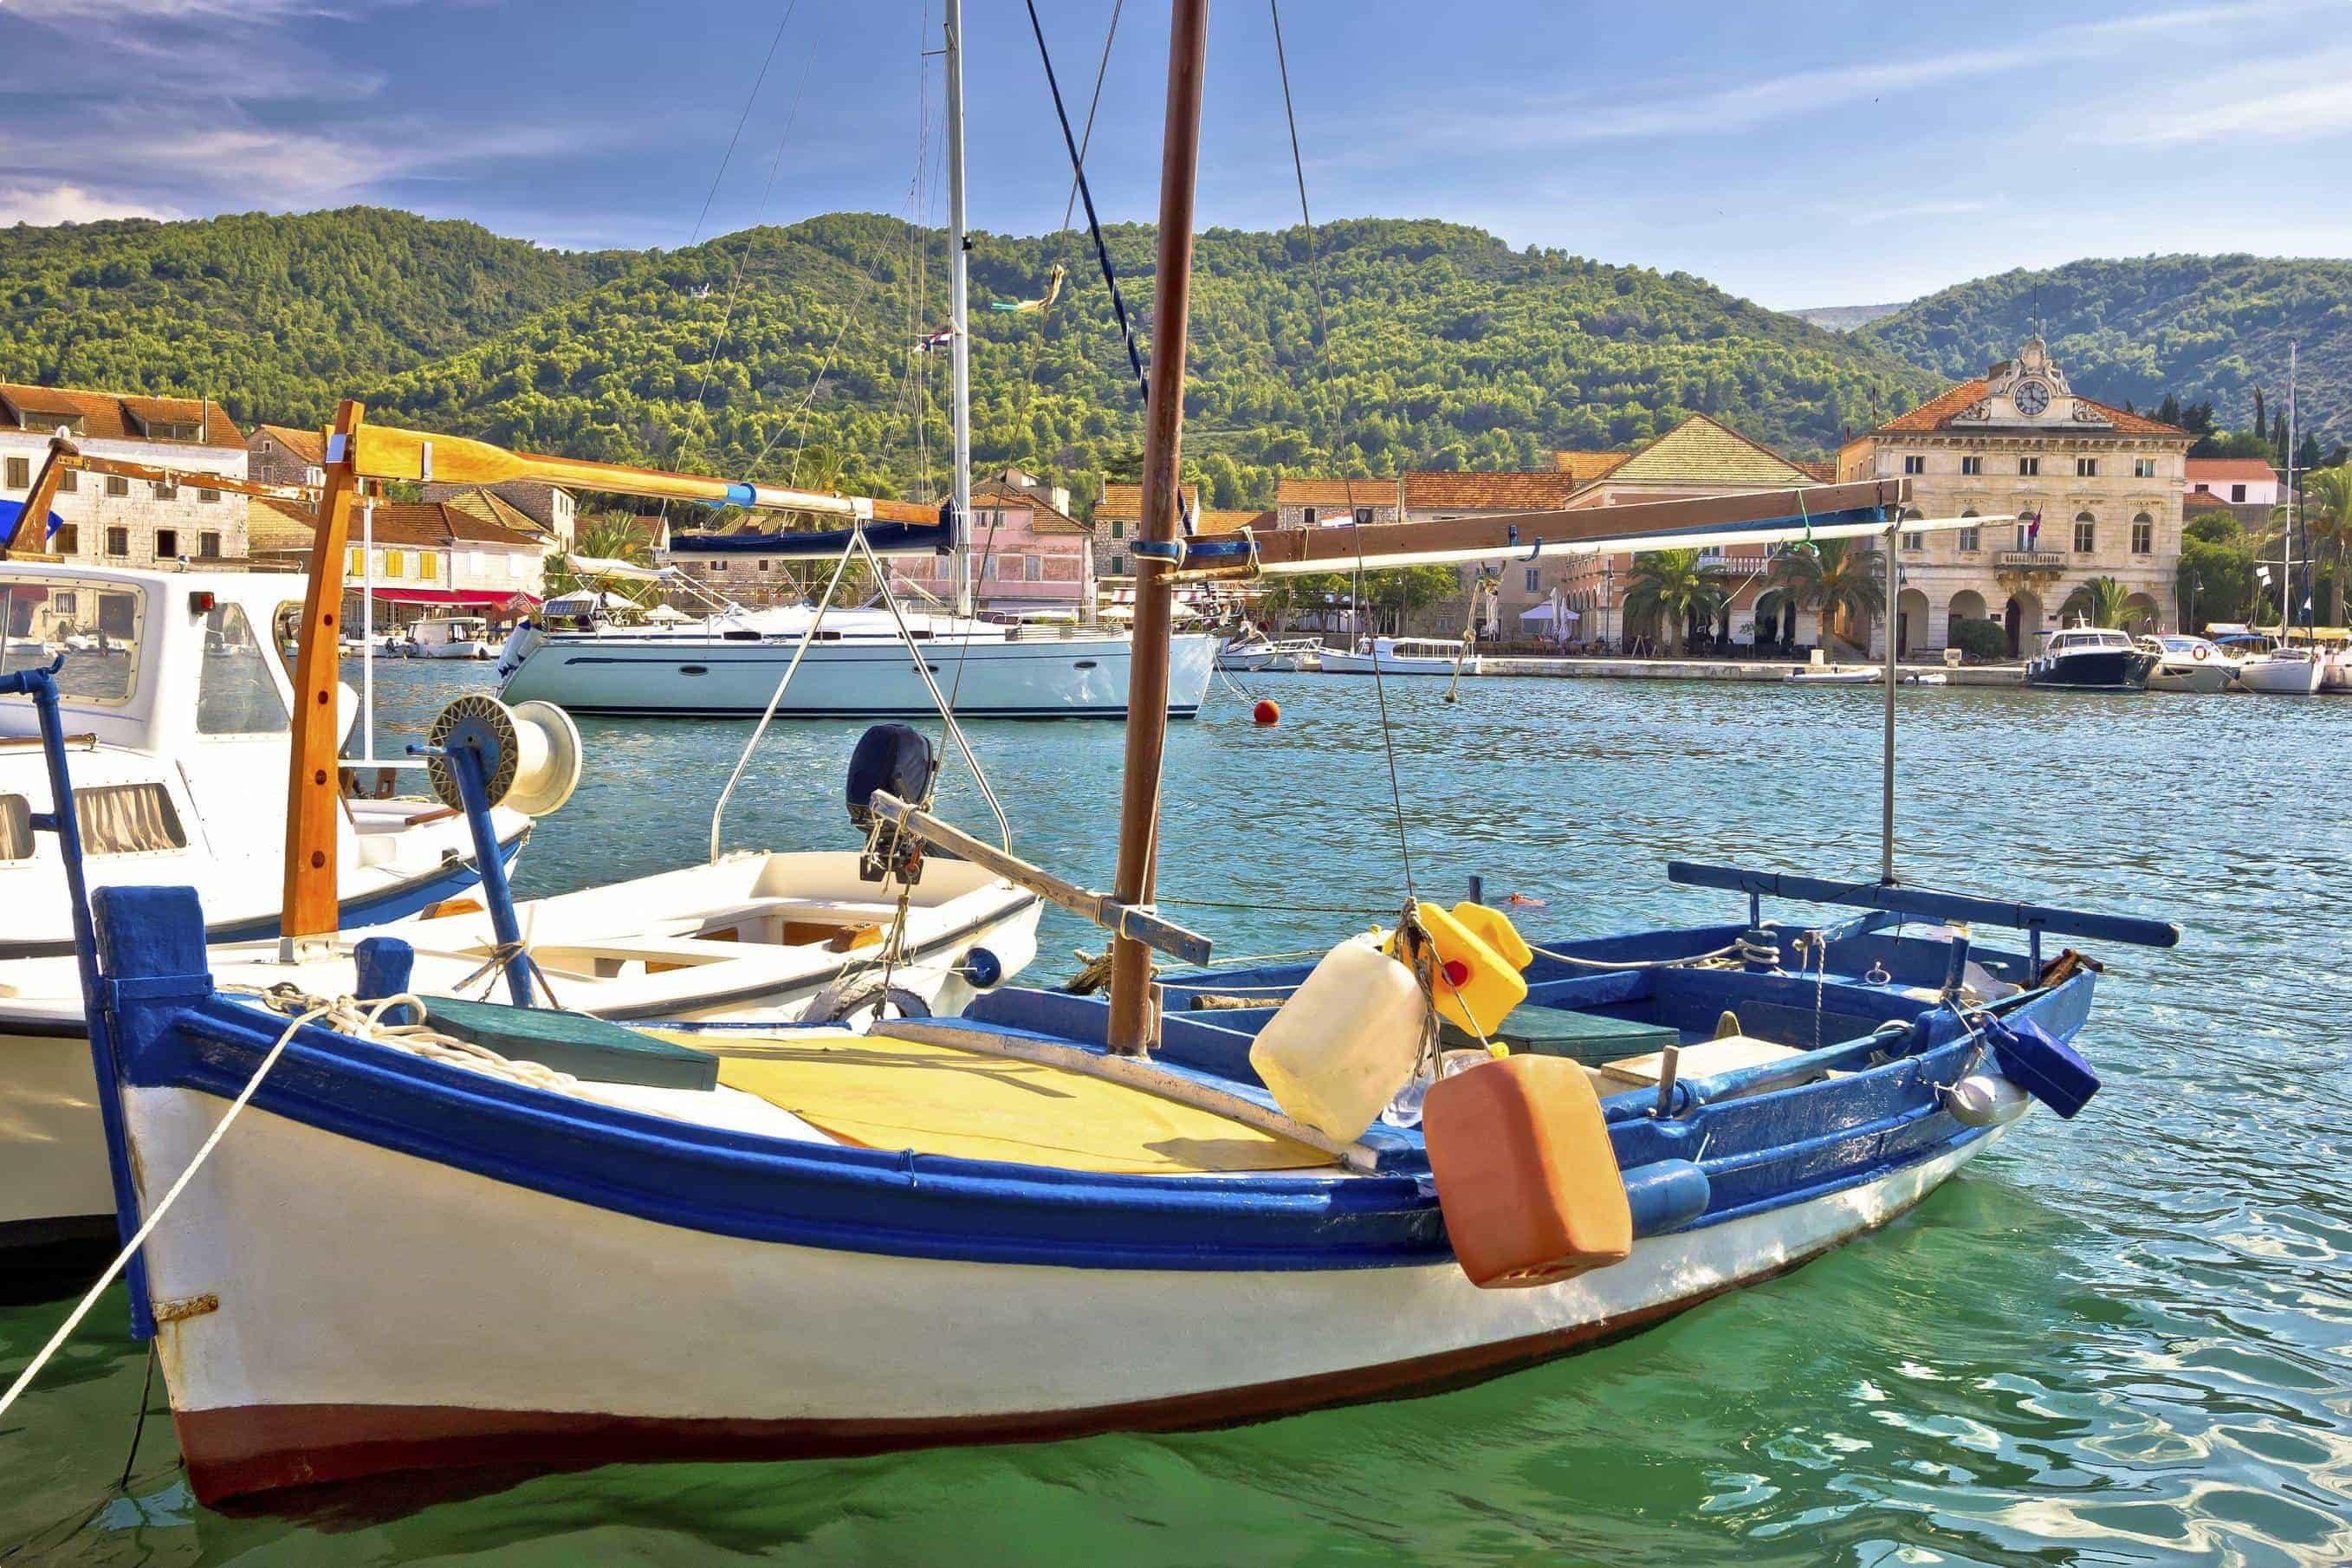 Fishermen's harbour in Stari Grad, Island of Hvar, Dalmatia, Croatia